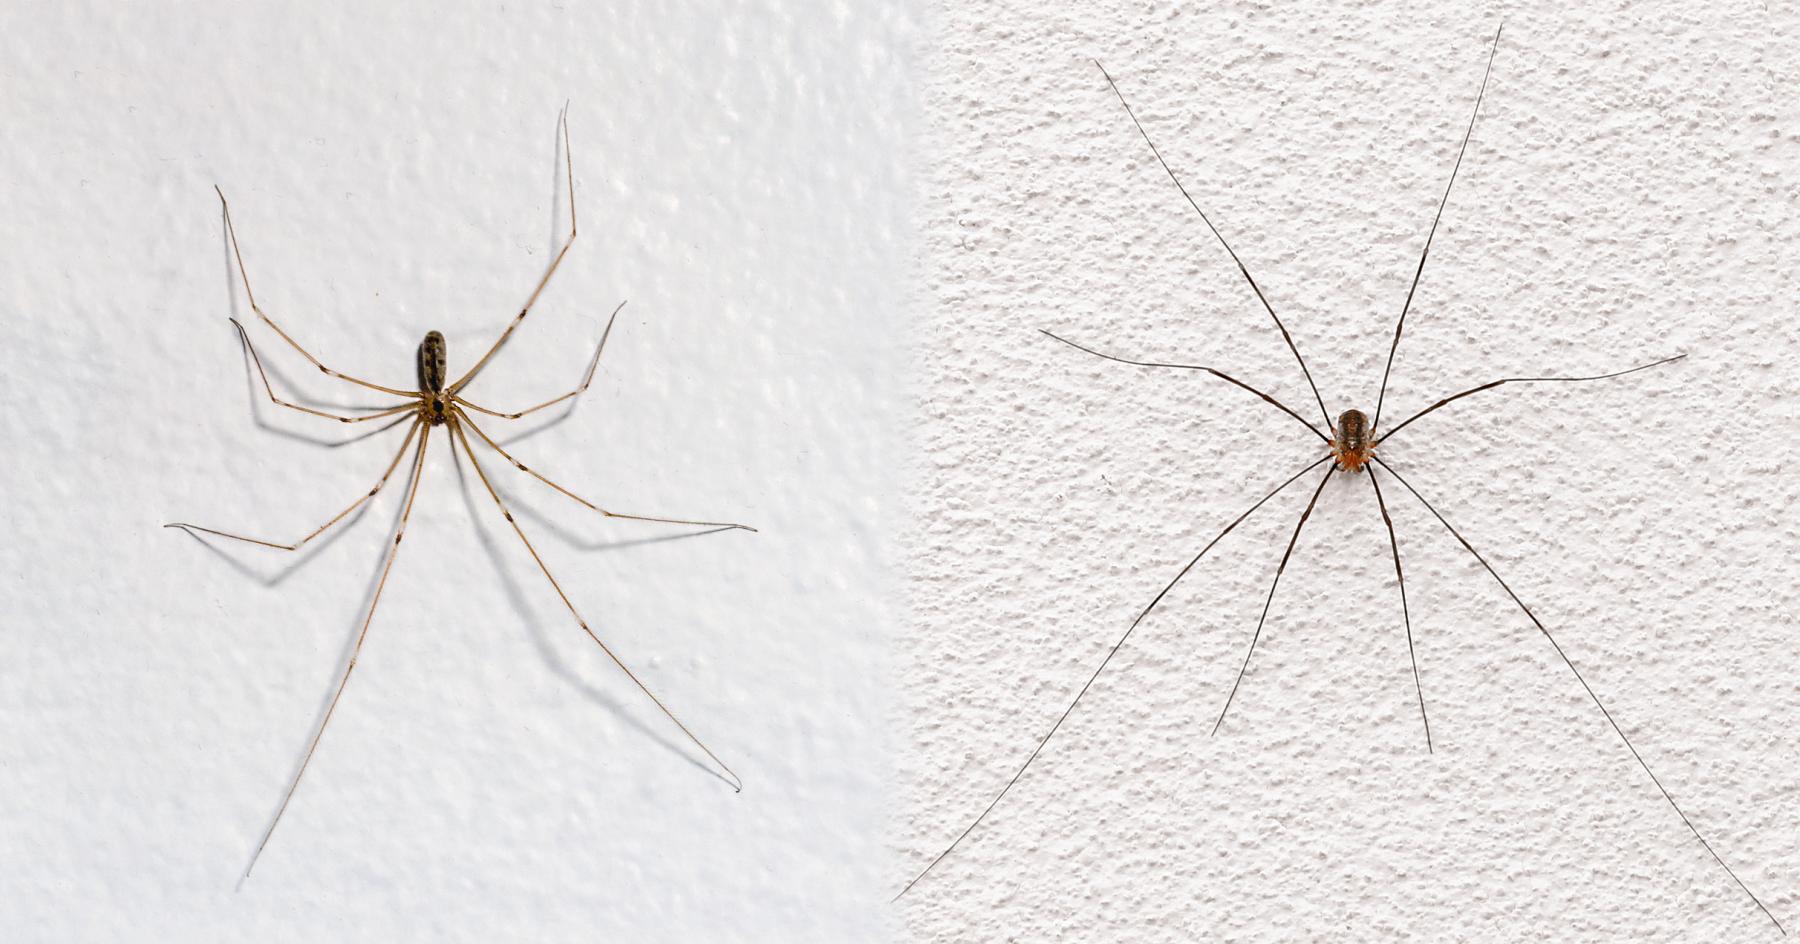 Faucheux Araignée araignée ou faucheux ?